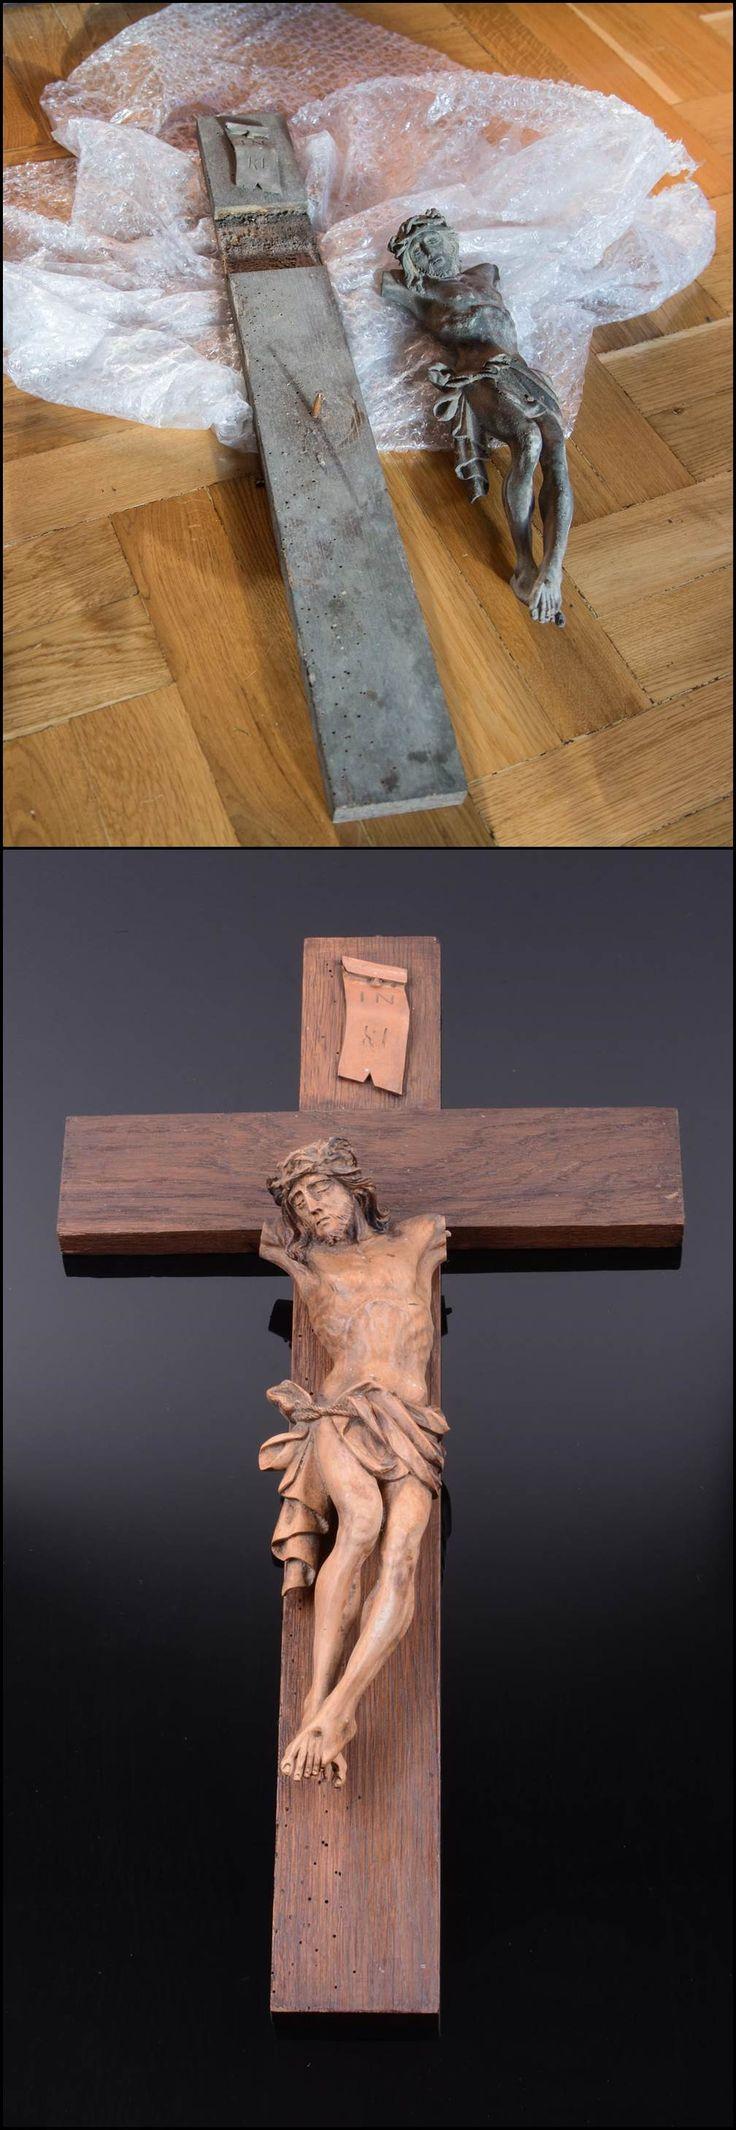 Przy odrobinie wiedzy i cierpliwości można przywrócić do życia prawdziwe perełki. Drewniany krucyfiks wyszedł po prostu wspaniale.